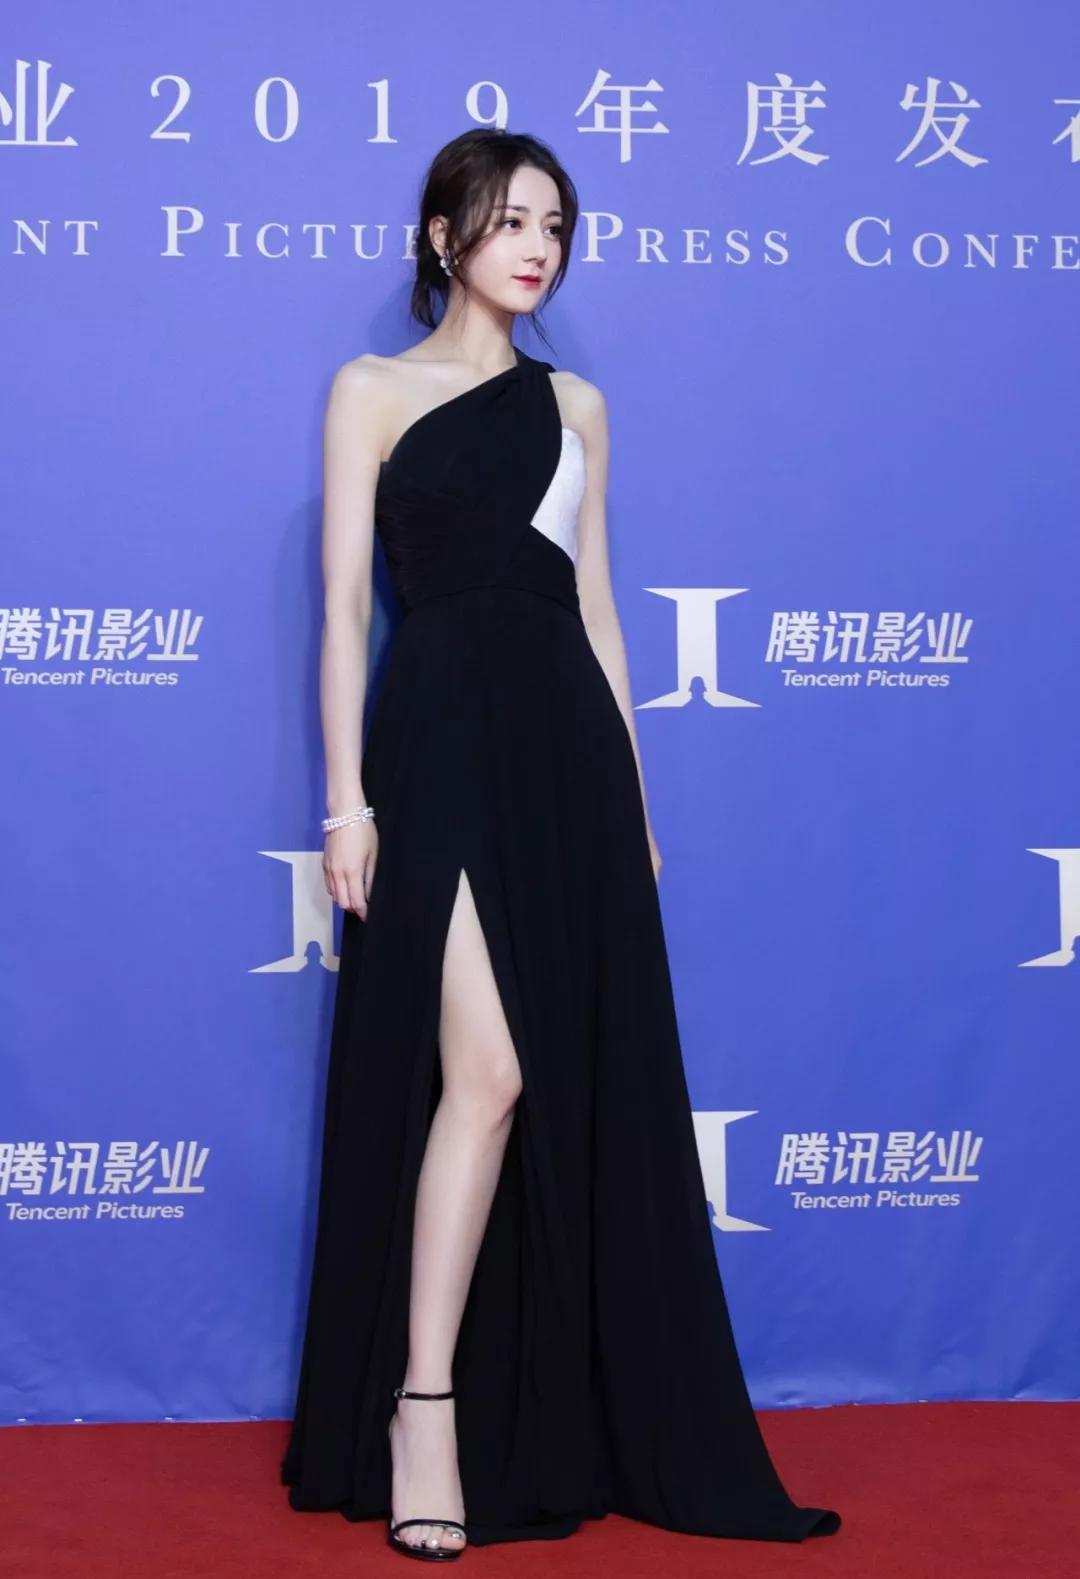 迪丽热巴的高开叉长裙上热搜,高开叉裙突显优越好身材!